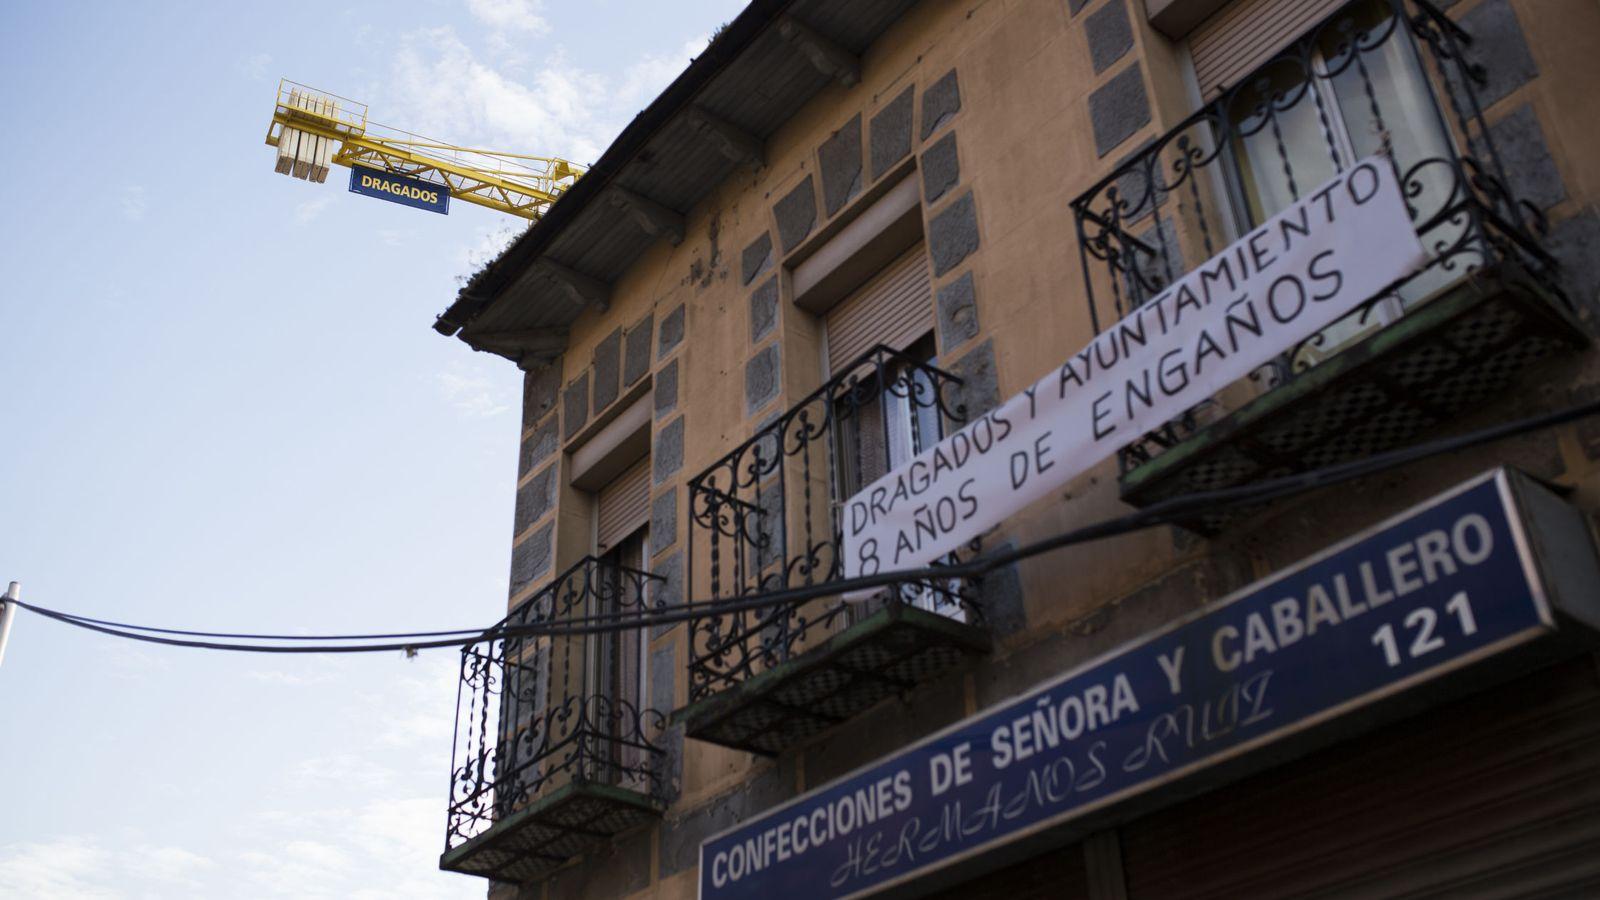 Noticias de dragados los expropiados de florentino p rez for Direccion madrid espana